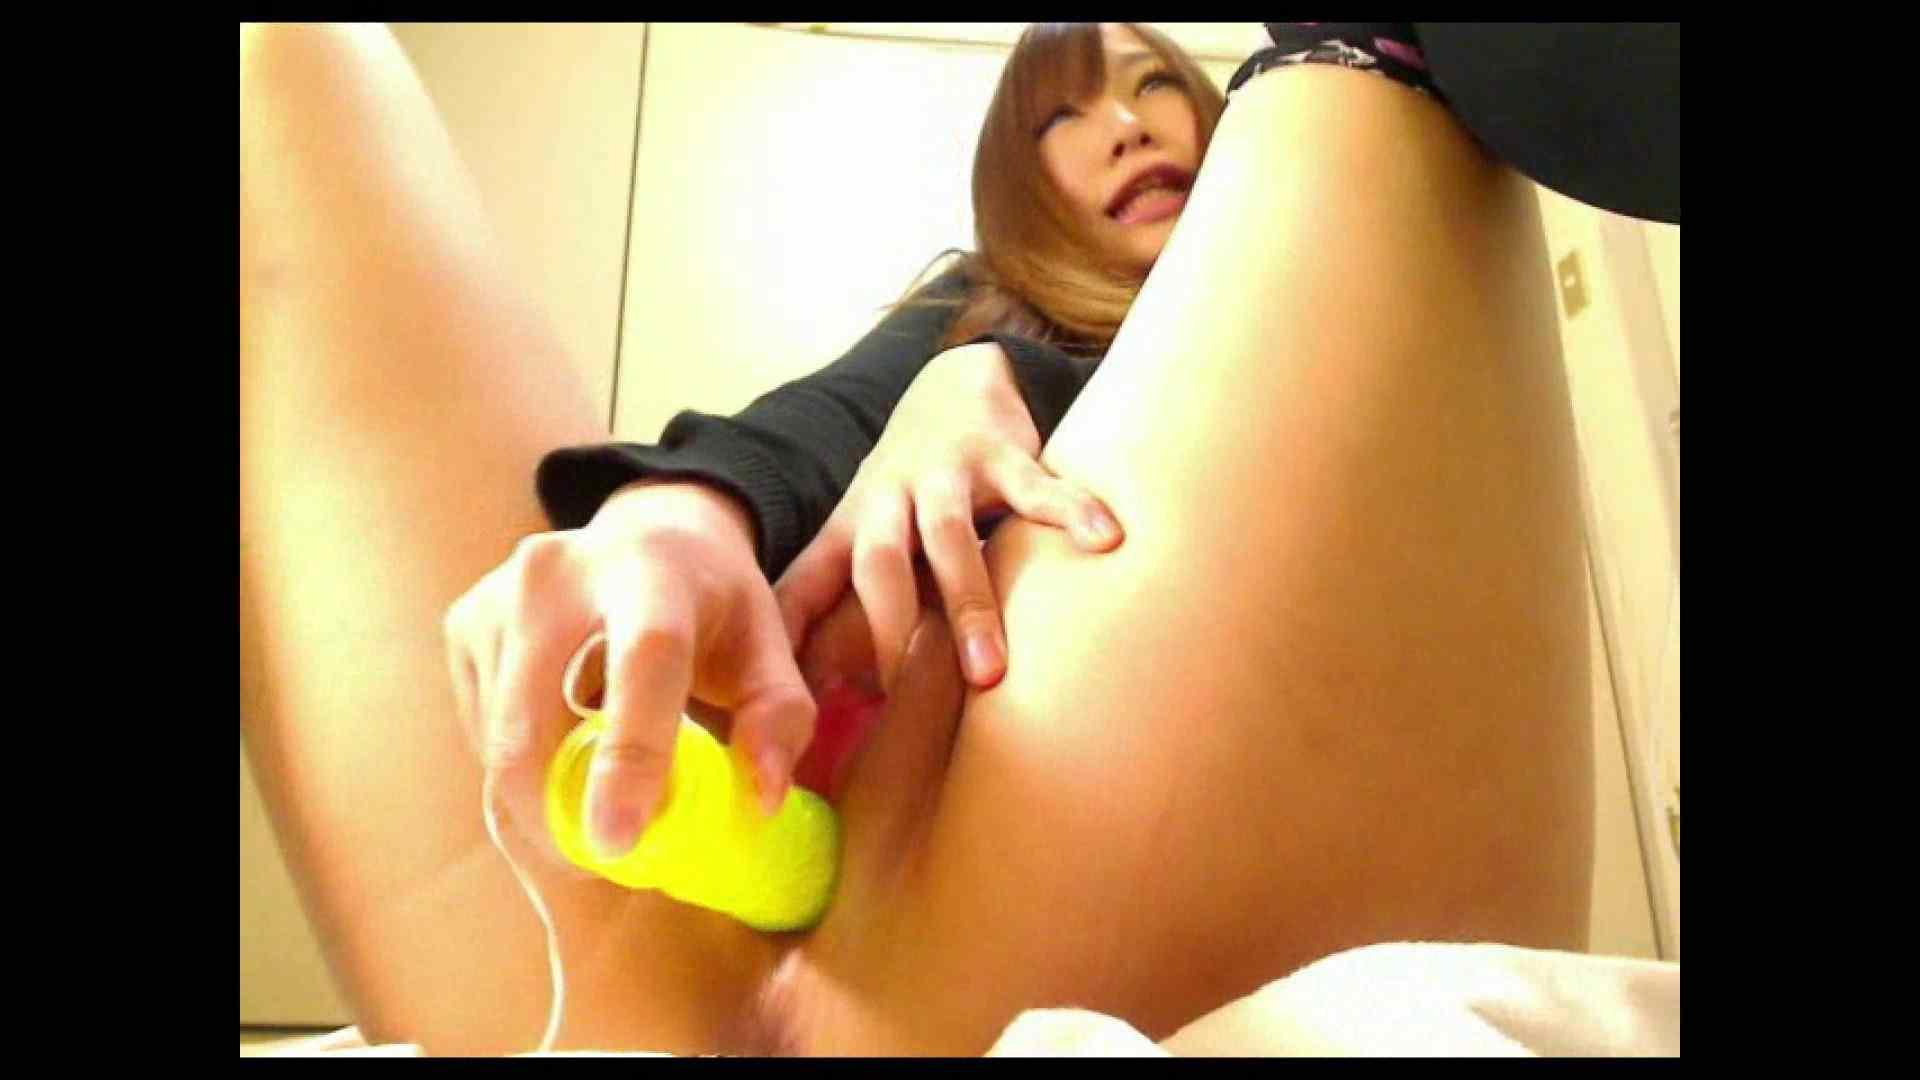 アヘ顔のわたしってどうかしら Vol.10 流出作品 のぞき動画キャプチャ 91pic 54